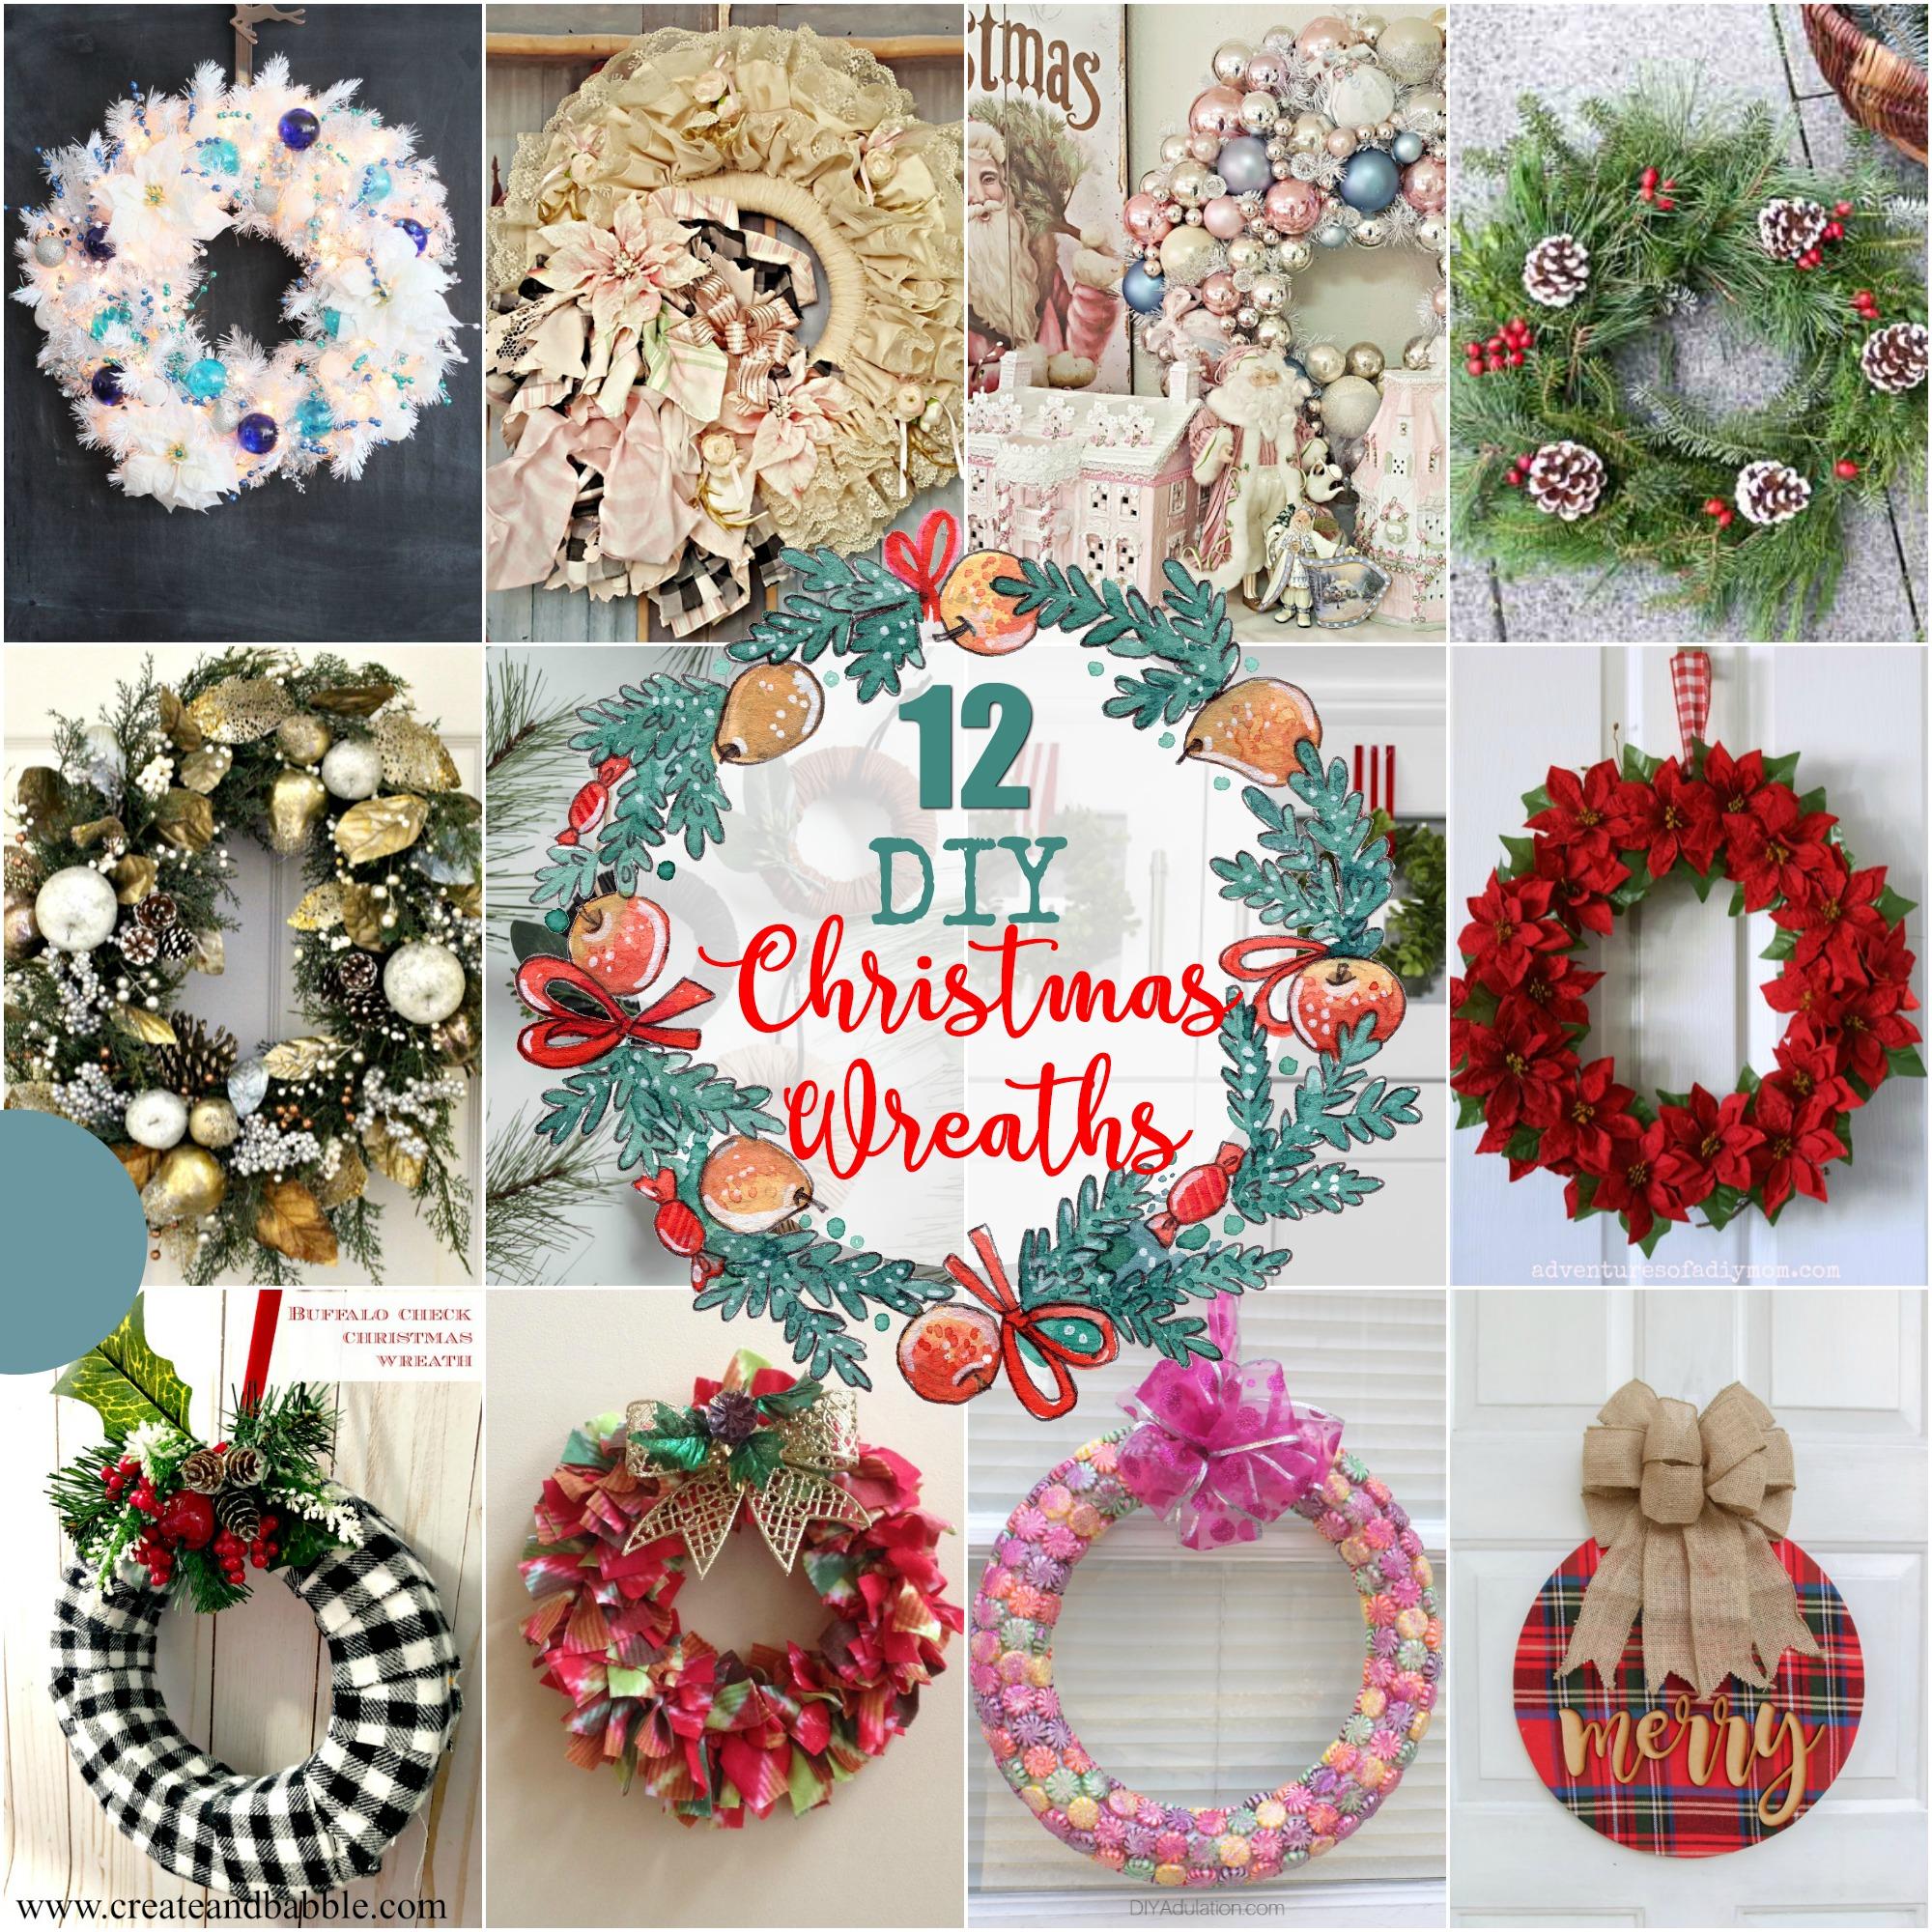 12 DIY Christmas Wreaths